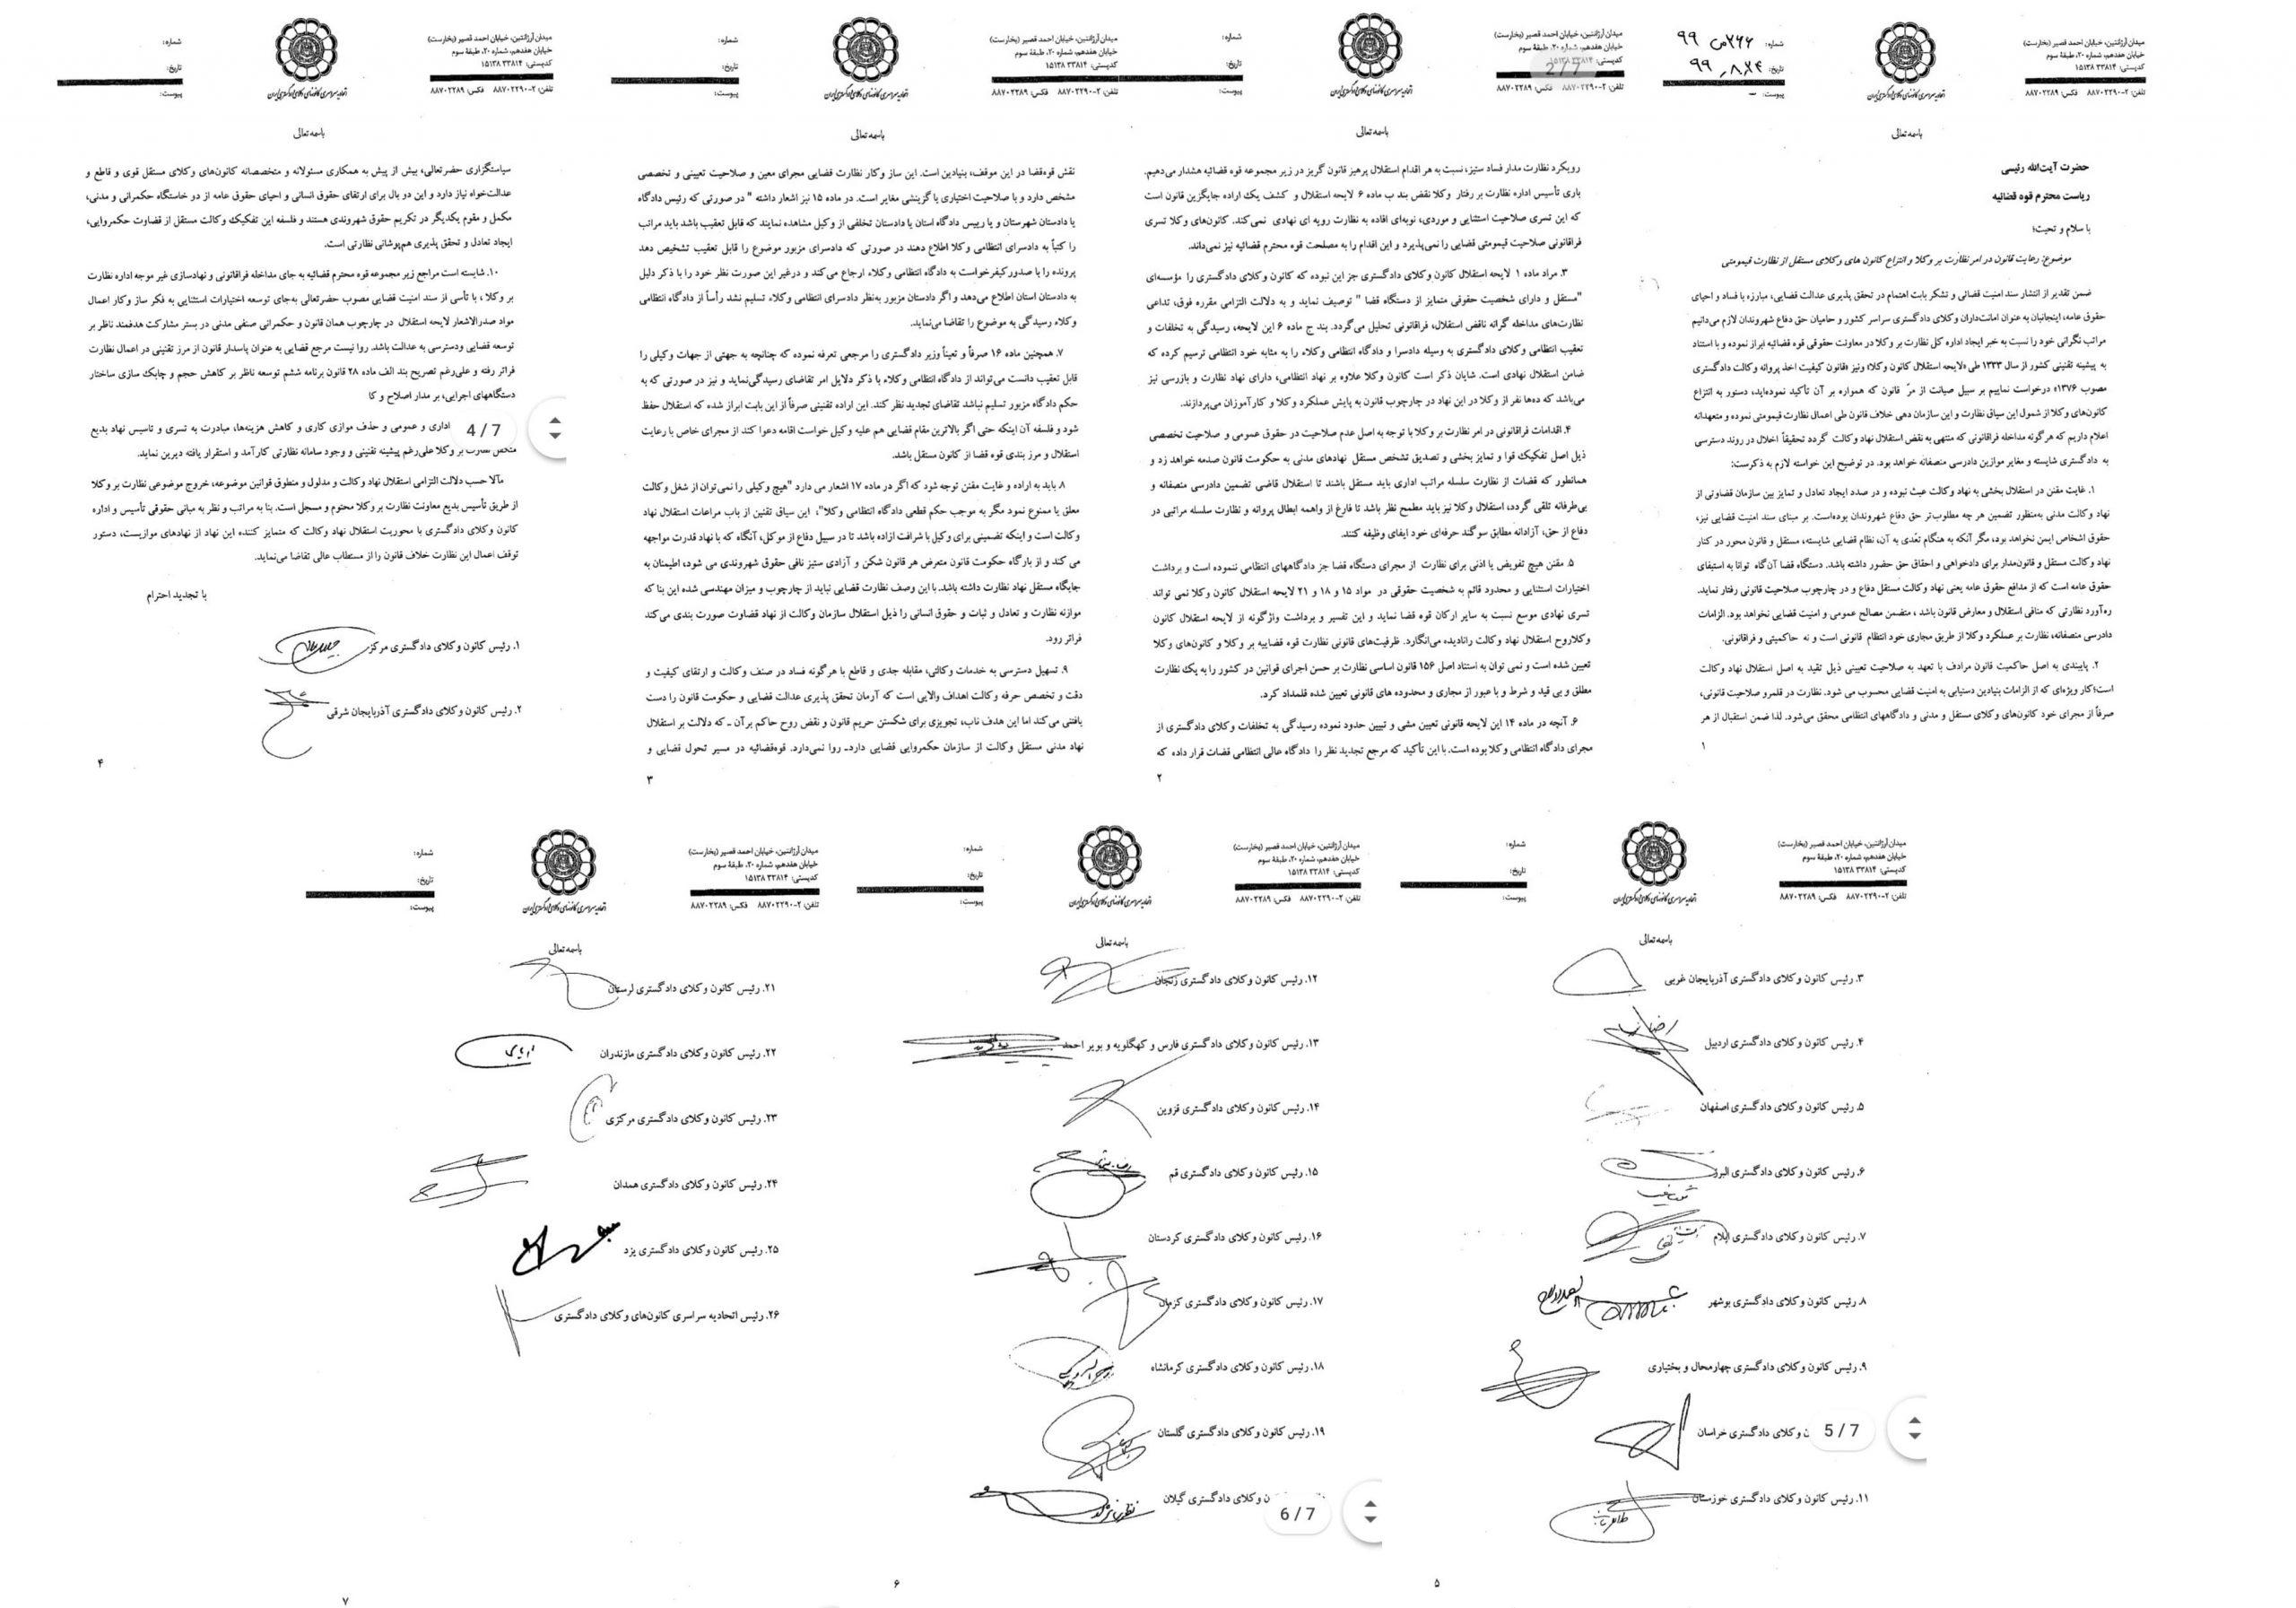 نامه رؤسای ۲۵ کانون وکلا به رییس قوه قضاییه درباره نظارت بر وکلا